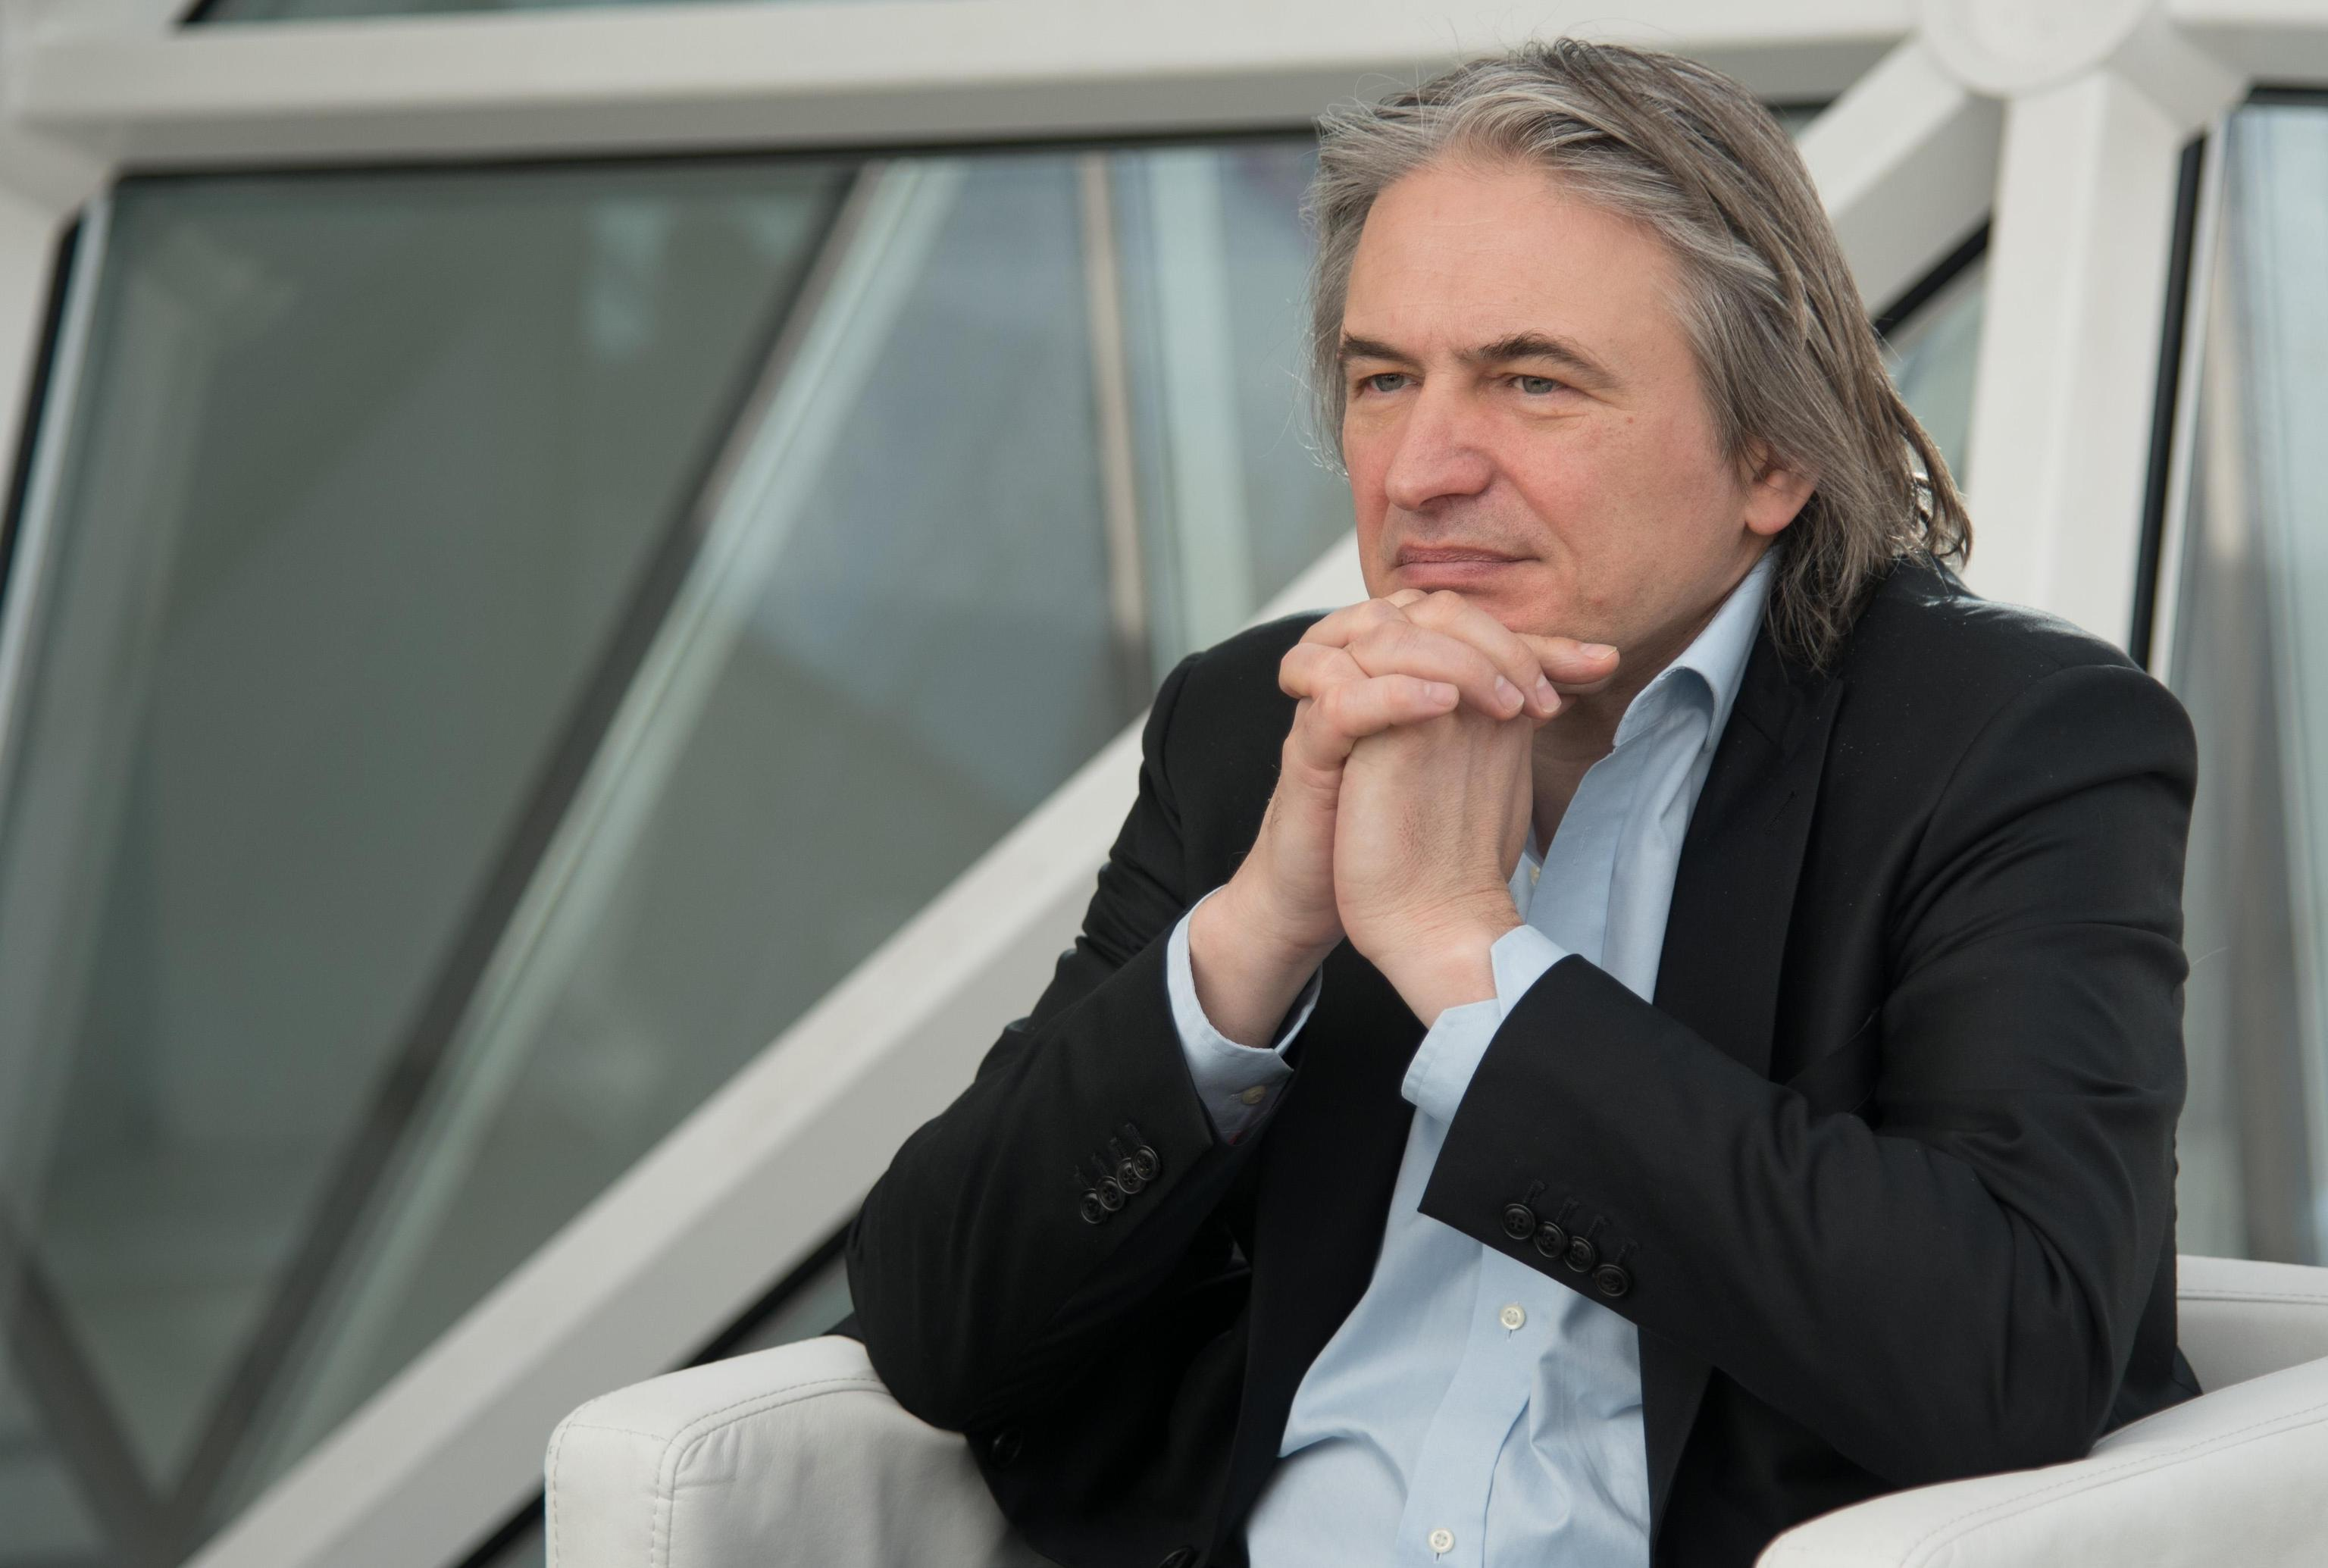 Rai: Antonio Campo Dall'Orto rimette il mandato nelle mani del ministro Pier Carlo Padoan